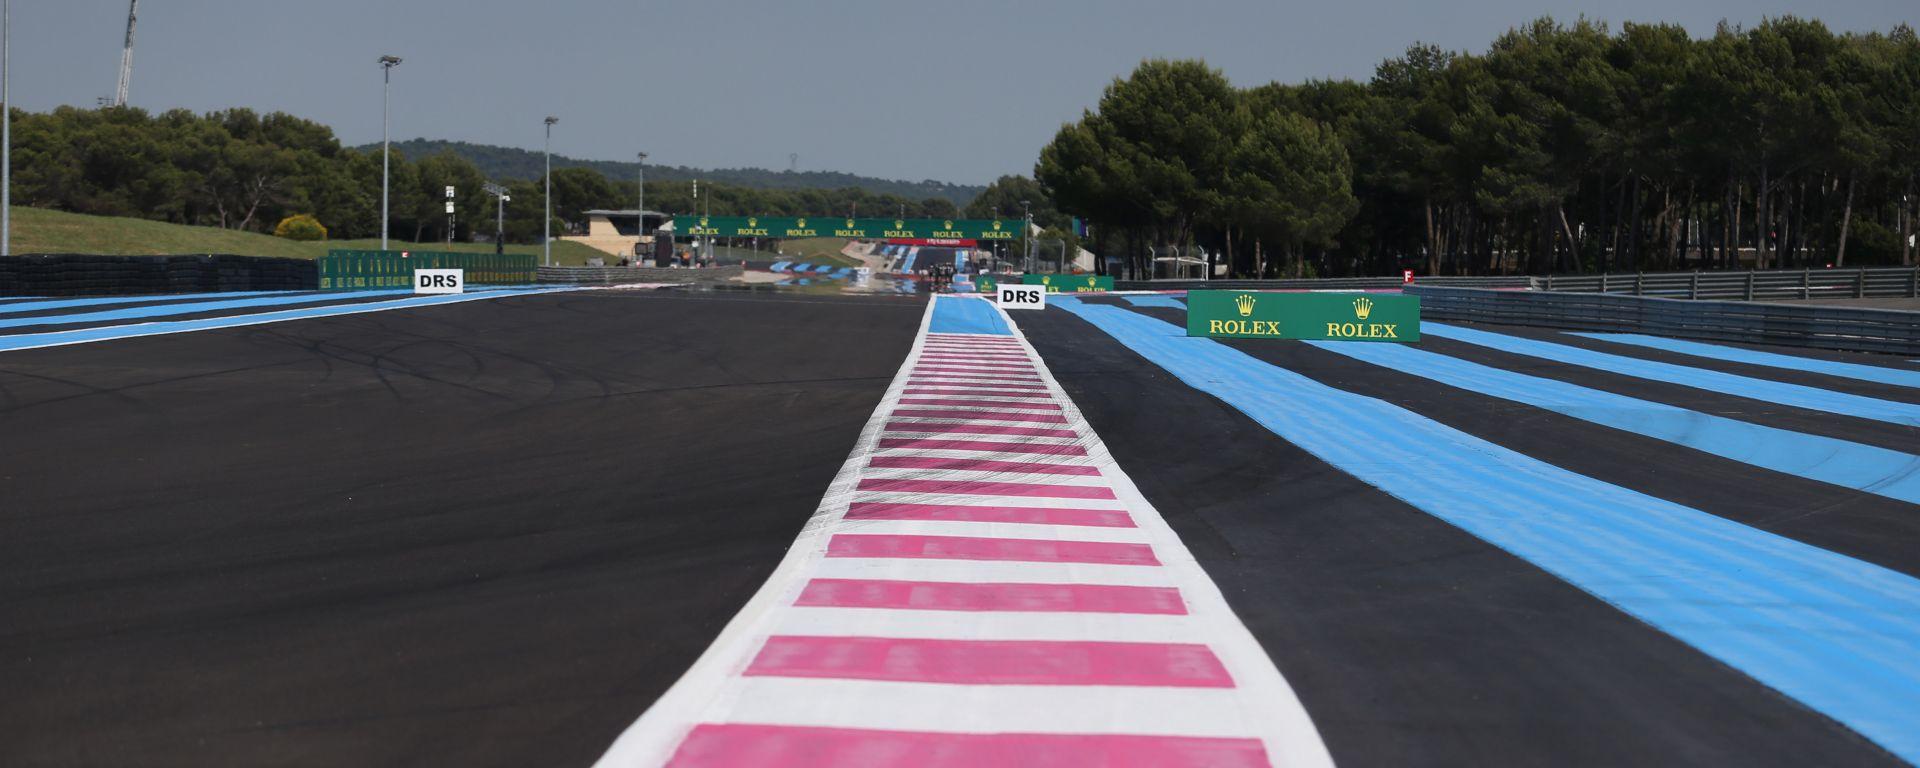 Ufficiale: GP Francia rinviato al 2021